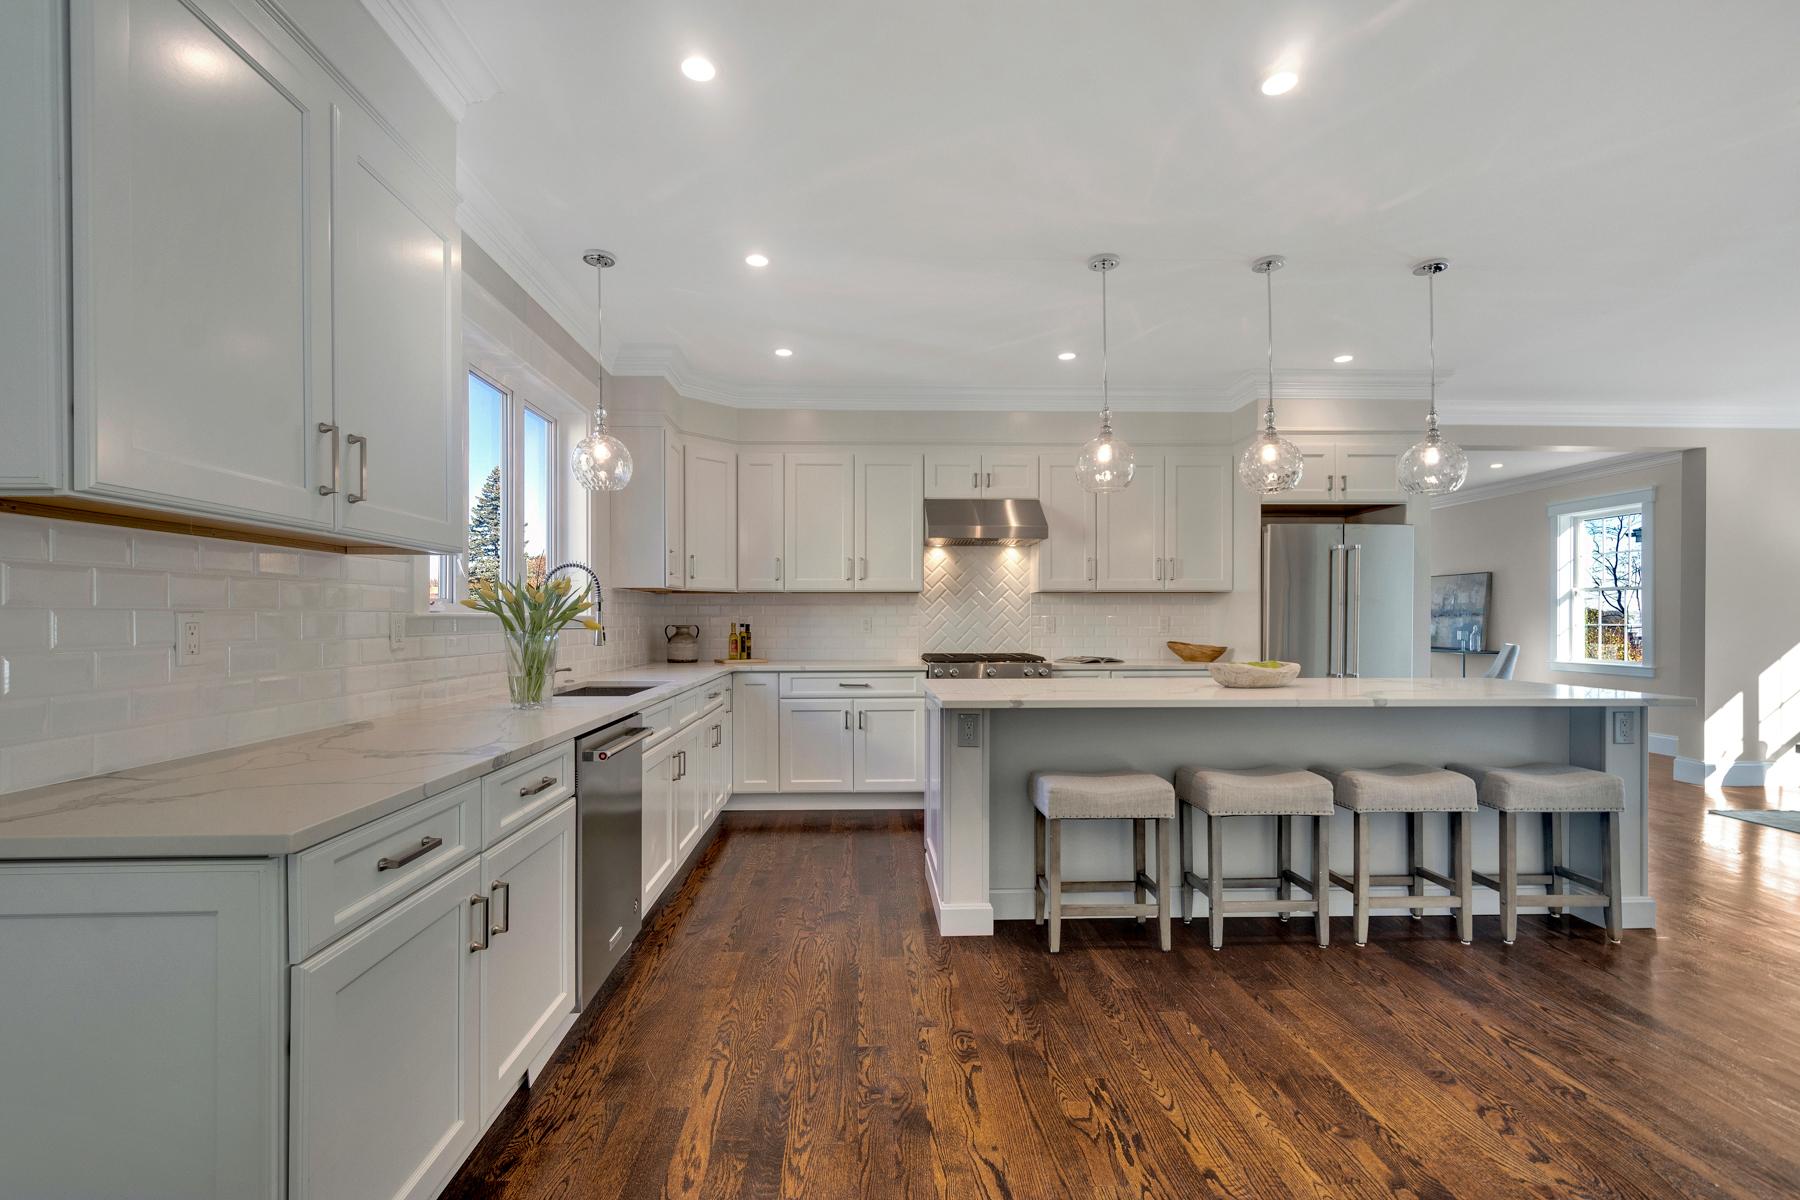 53 Old Mystic Street, Arlington - Open Kitchen